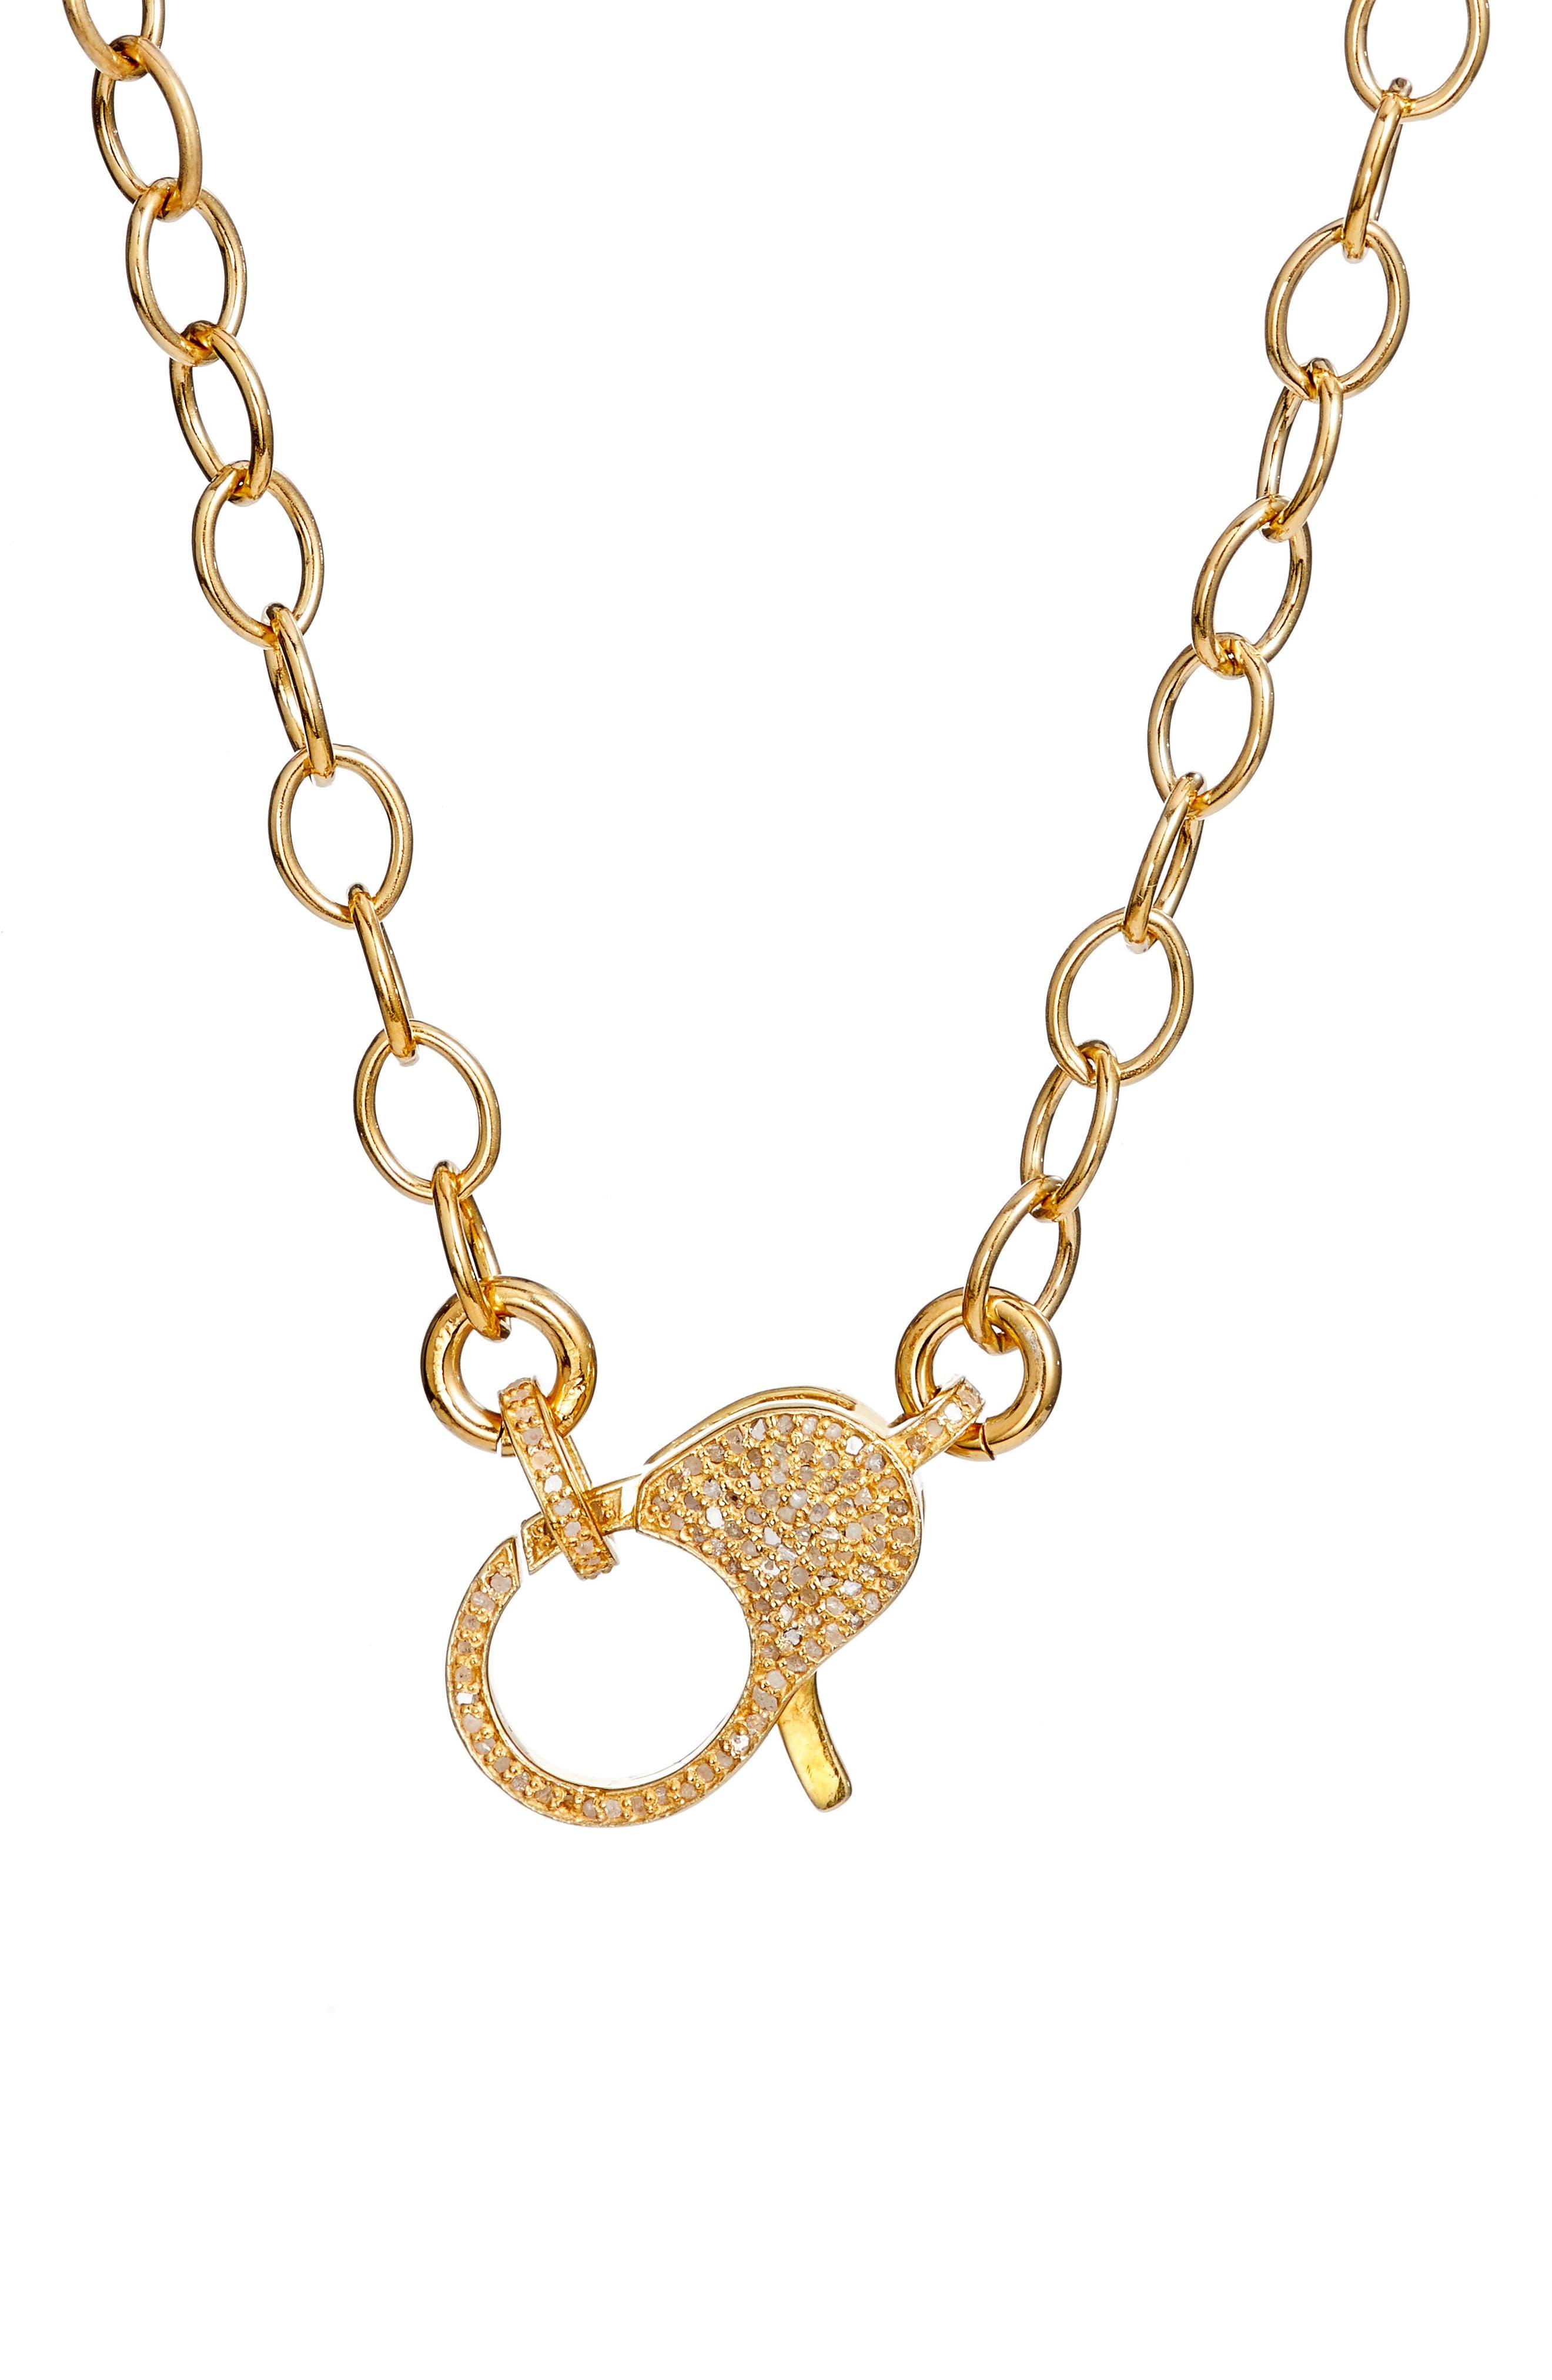 Jane Basch Pavé Diamond Clasp Long Chain Necklace,                         Main,                         color, Gold